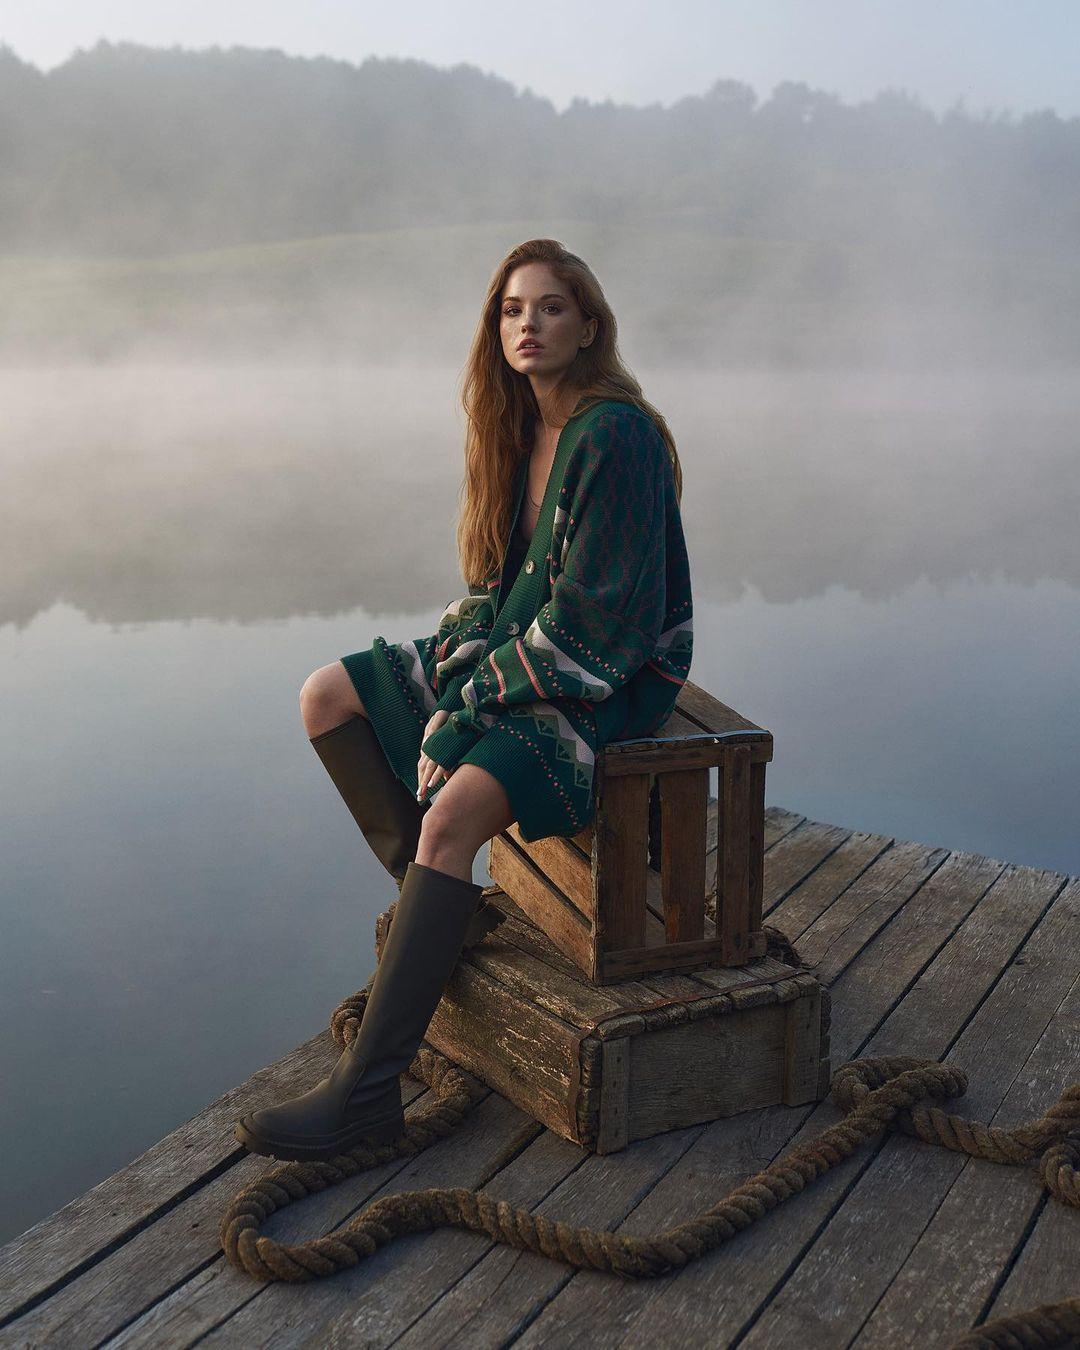 модный кардиган осень зима 2021 украинский бренд зеленый длинный оверсайз принт ромбы